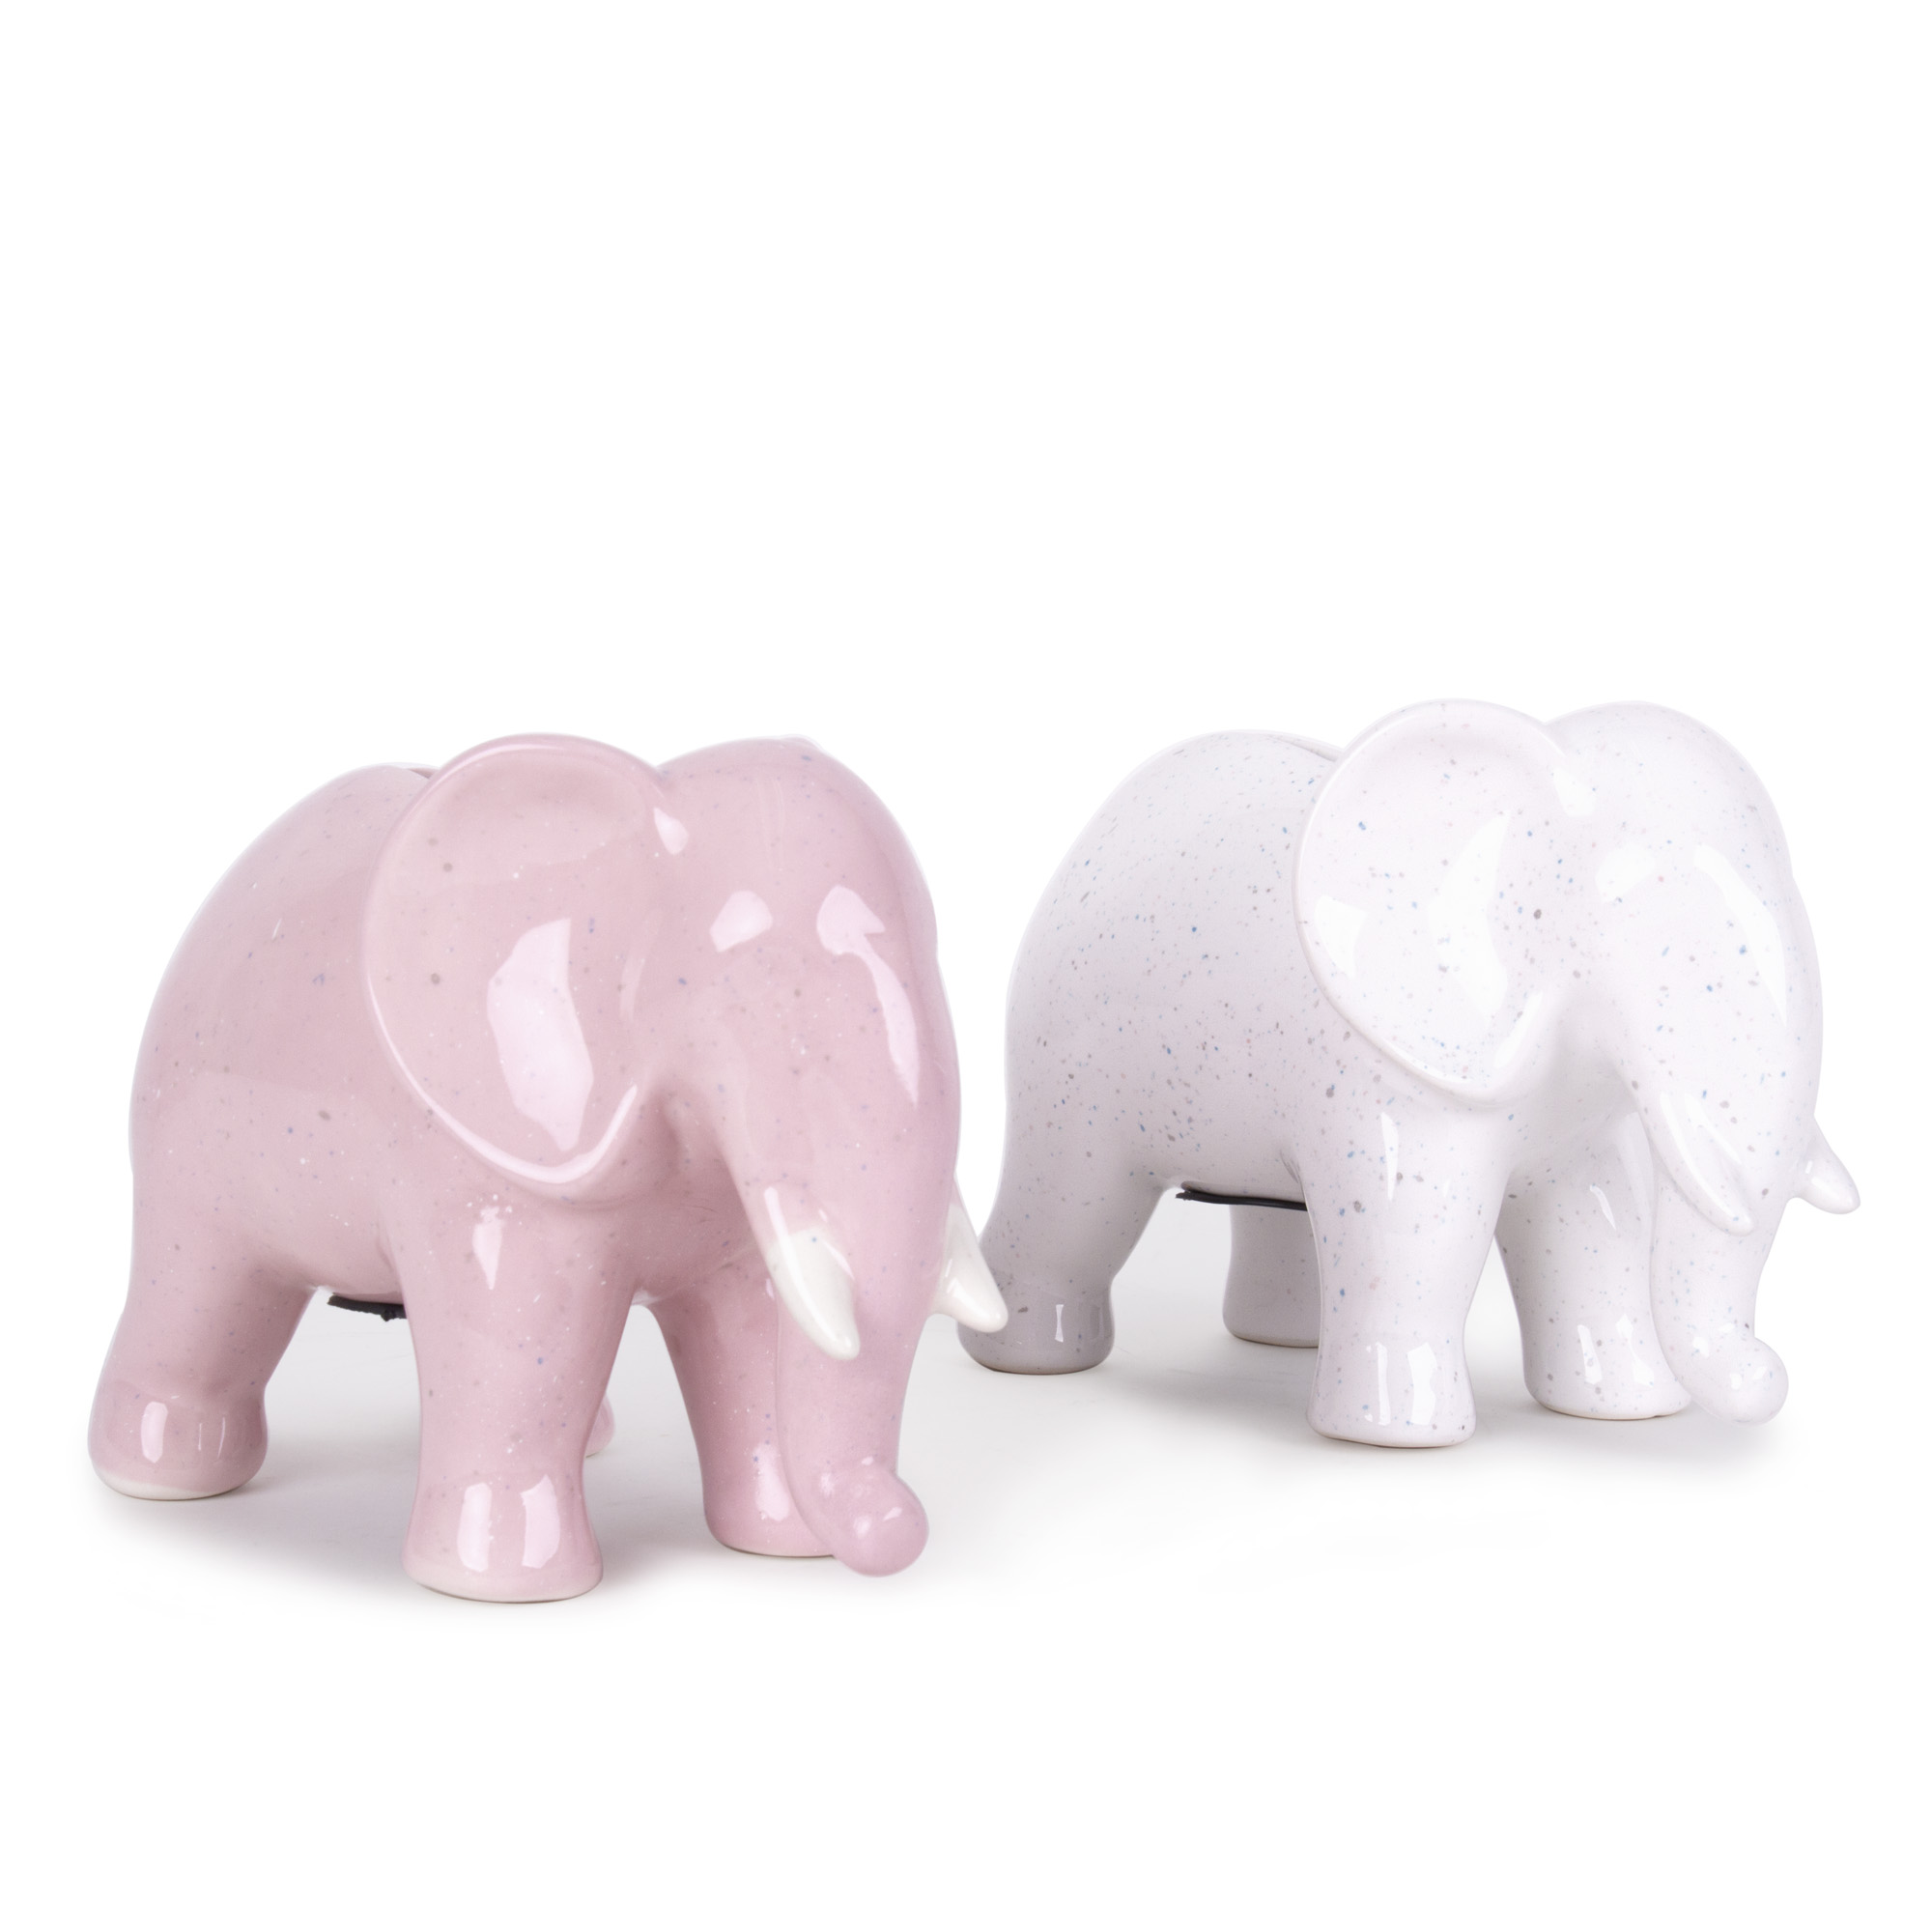 COIN BANK ELEPHANT HF